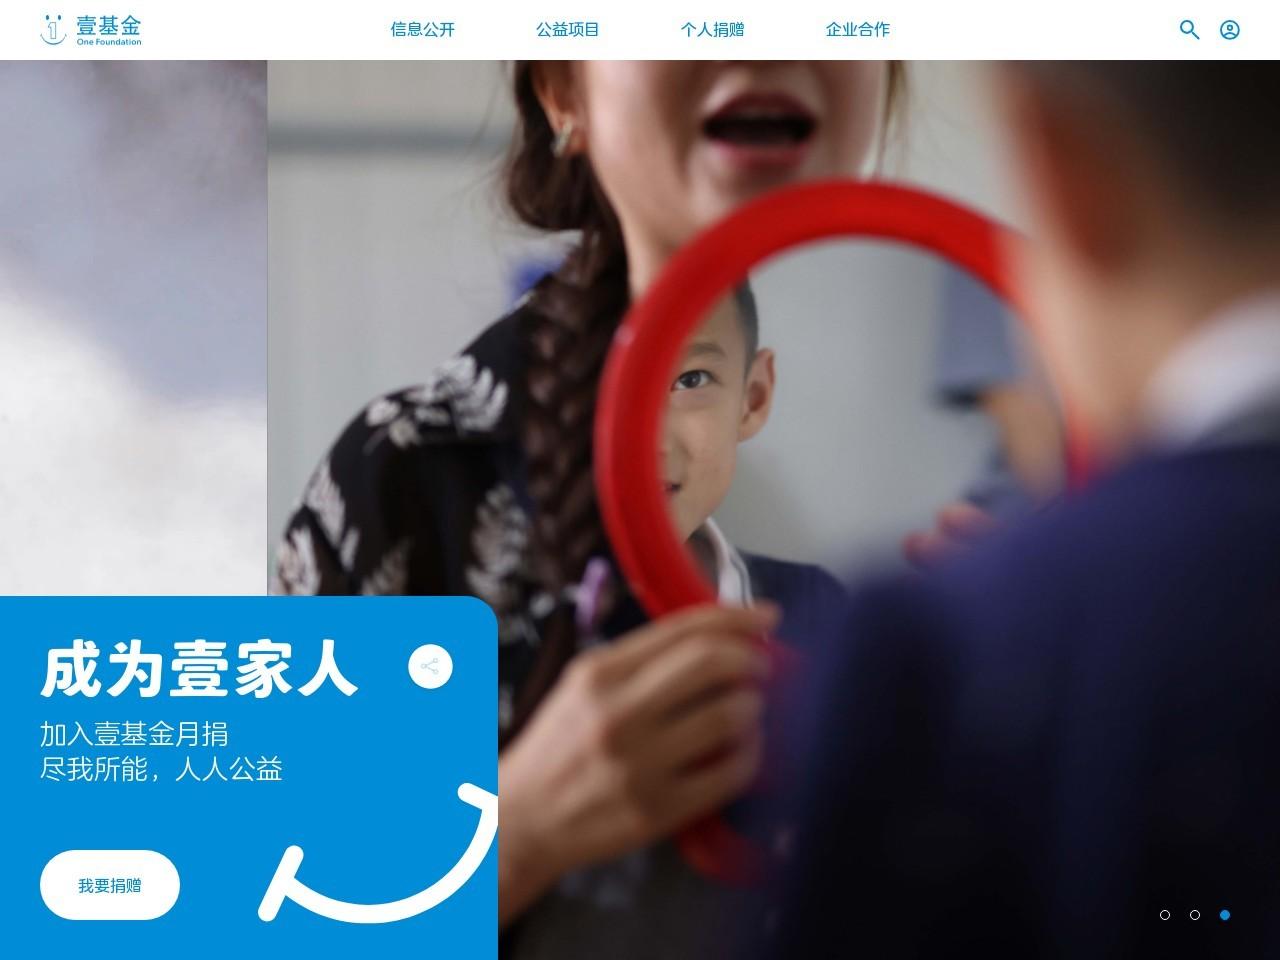 壹基金官方网站